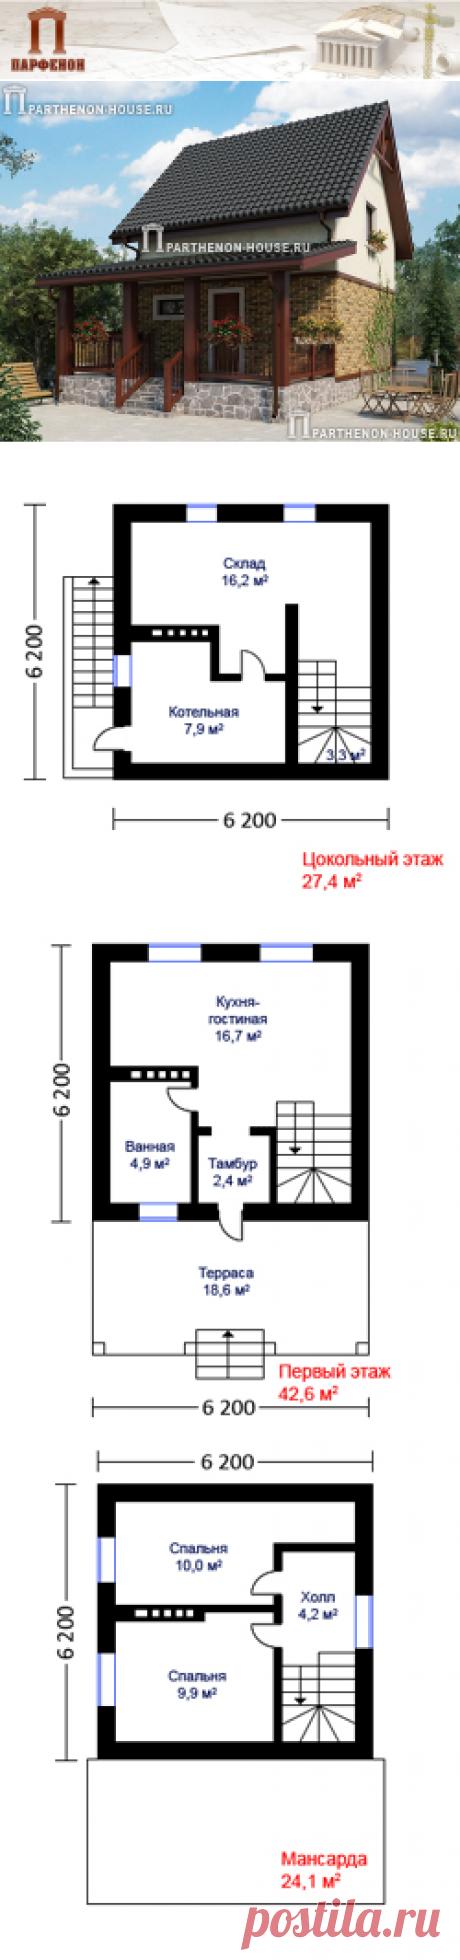 Проект небольшого дома с подвалом и мансардой НД 94-1  Площадь общая: 94,10 кв.м. Высота в подвале 2,50 м. Высота 1 этажа 2,60 м. Высота в мансарде от 1,40 м. до 2,50 м.   Технология и конструкция: строительство дома из газобетона.